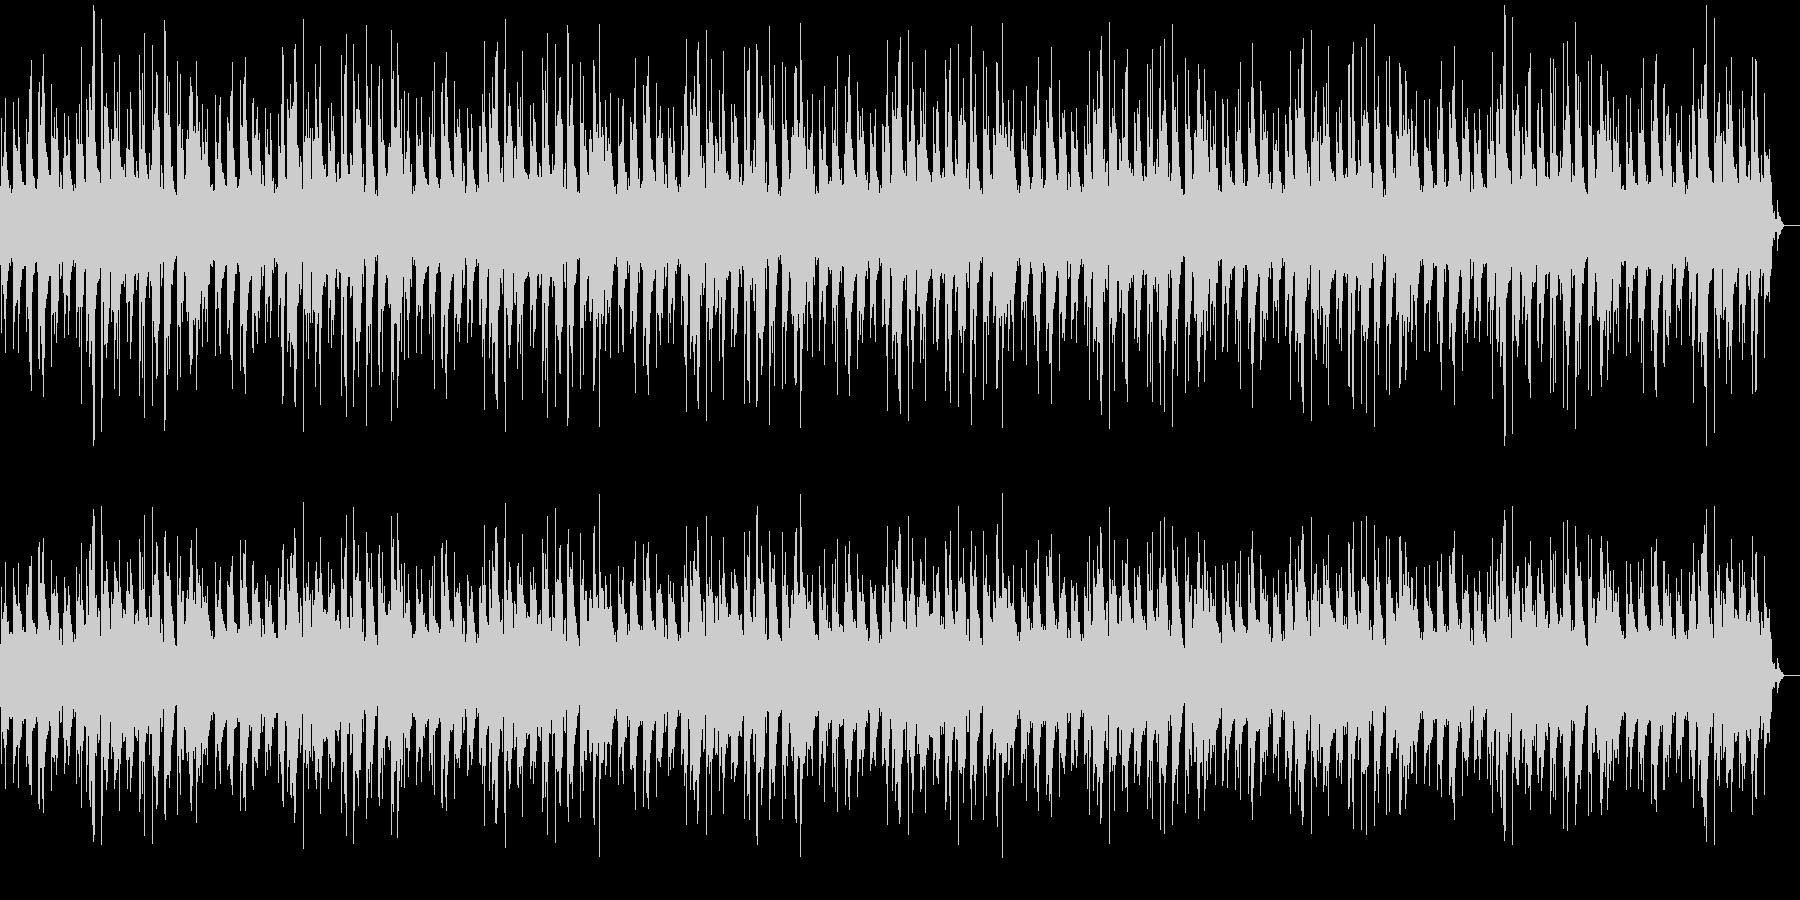 幻想的で穏やかなピアノバラードの未再生の波形